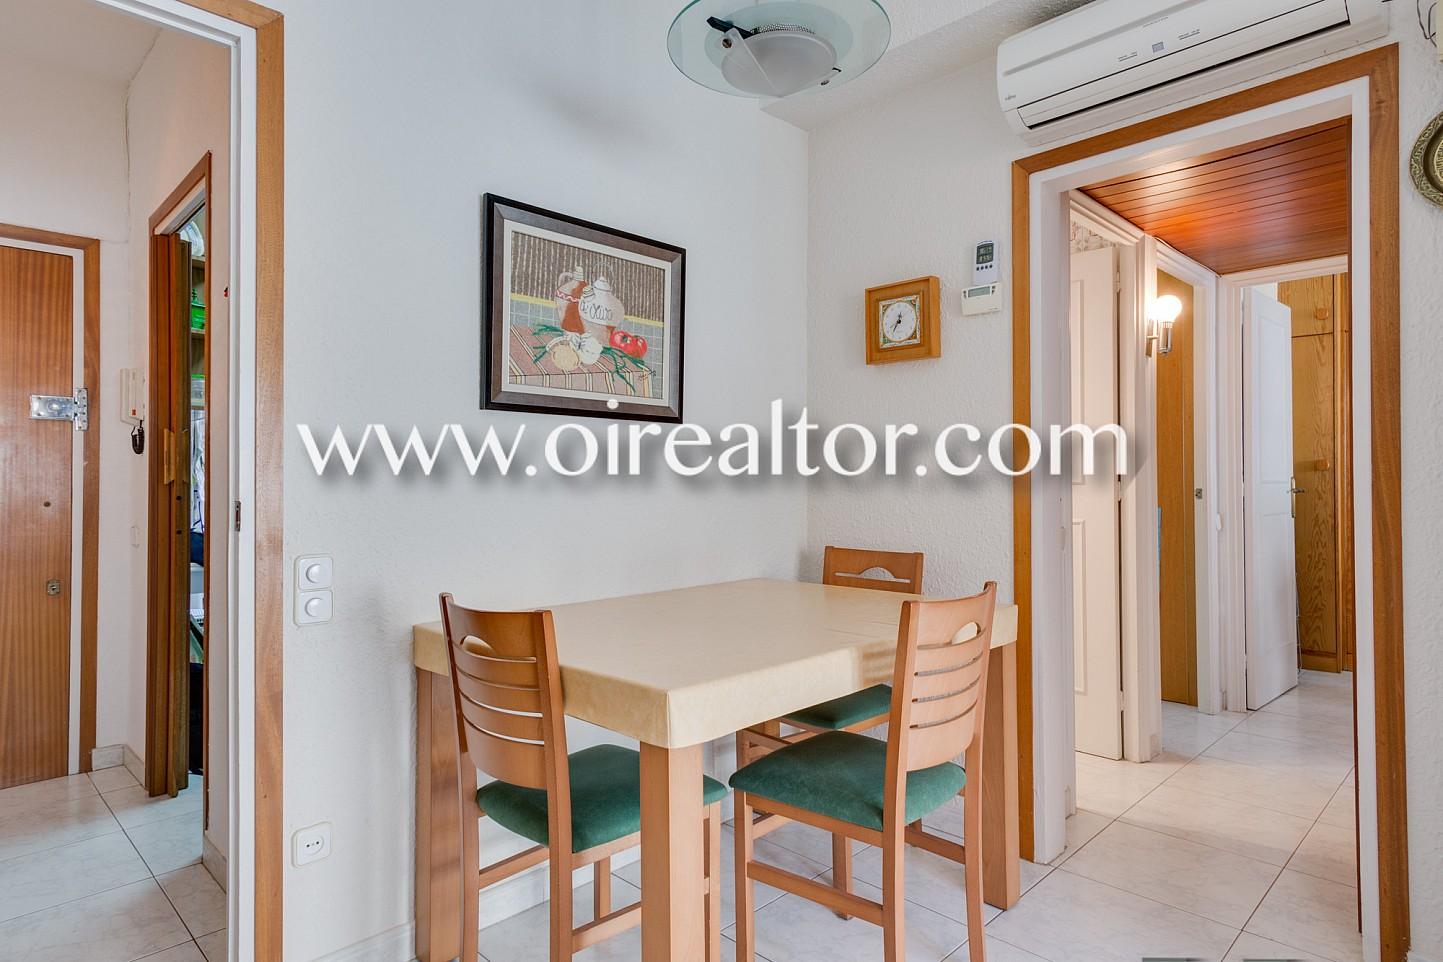 Acogedor piso ubicado en el coraz n de sarri barcelona oi realtor - Pisos en sarria barcelona ...